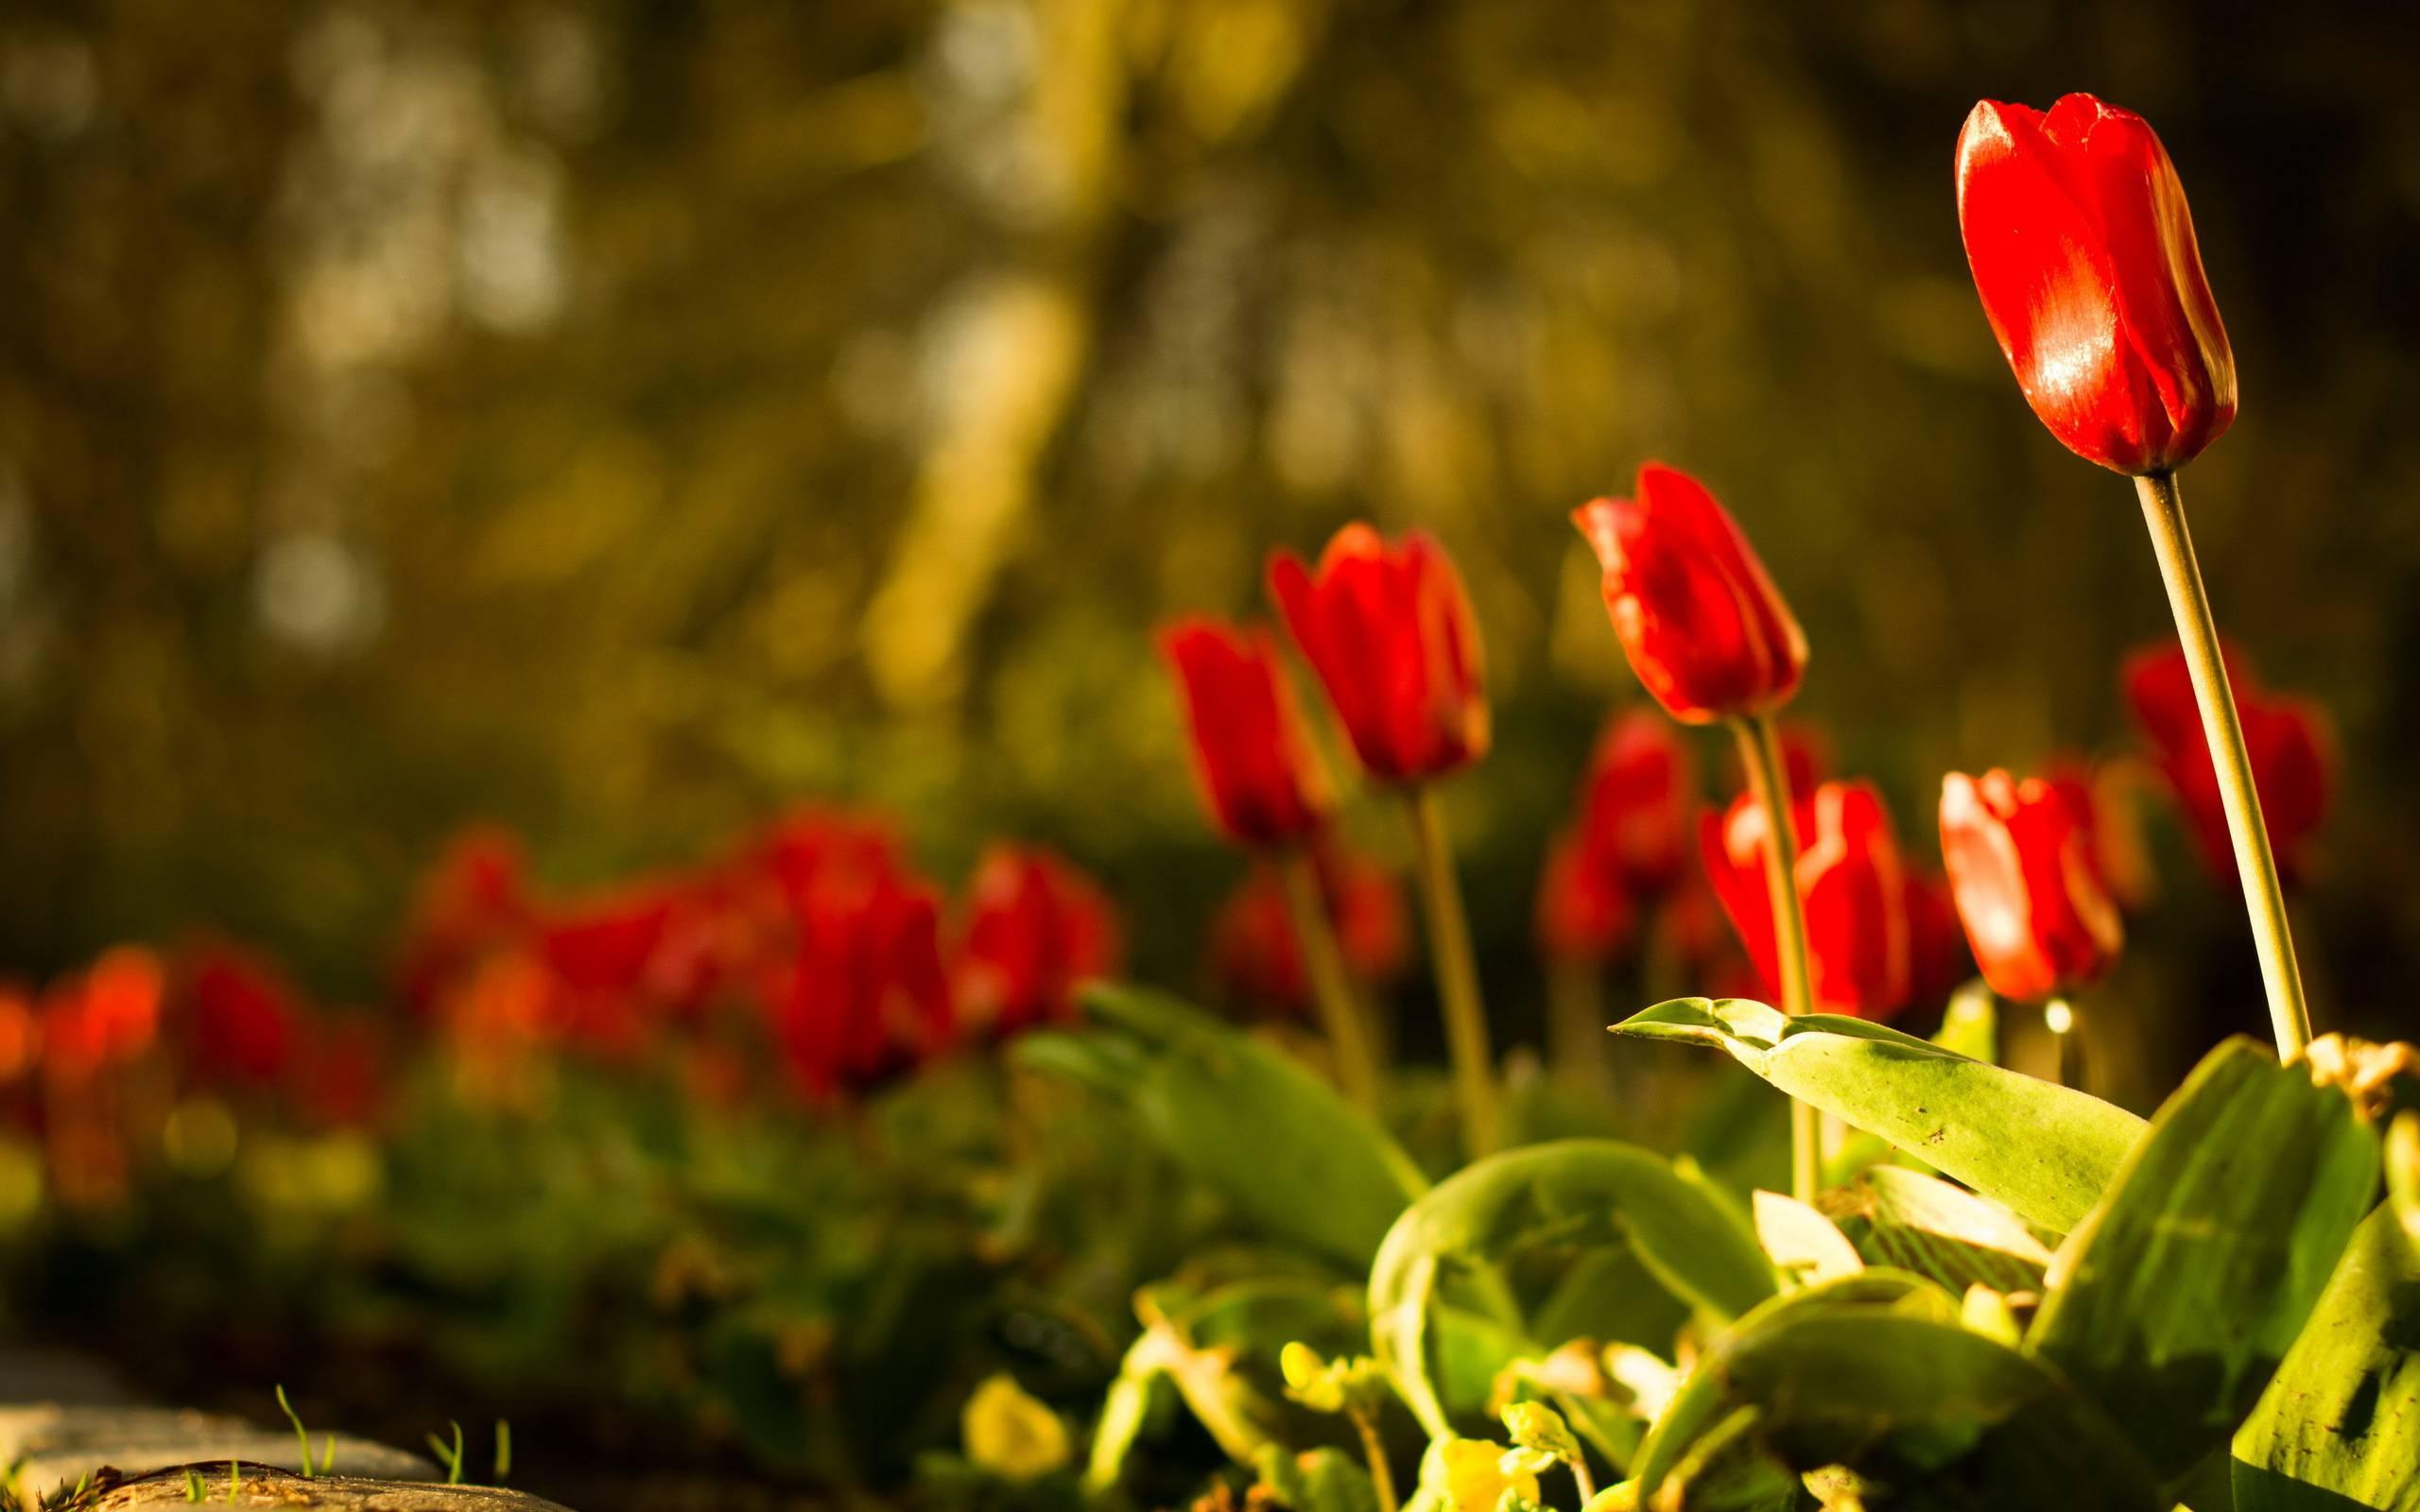 красивые, красочные цветы